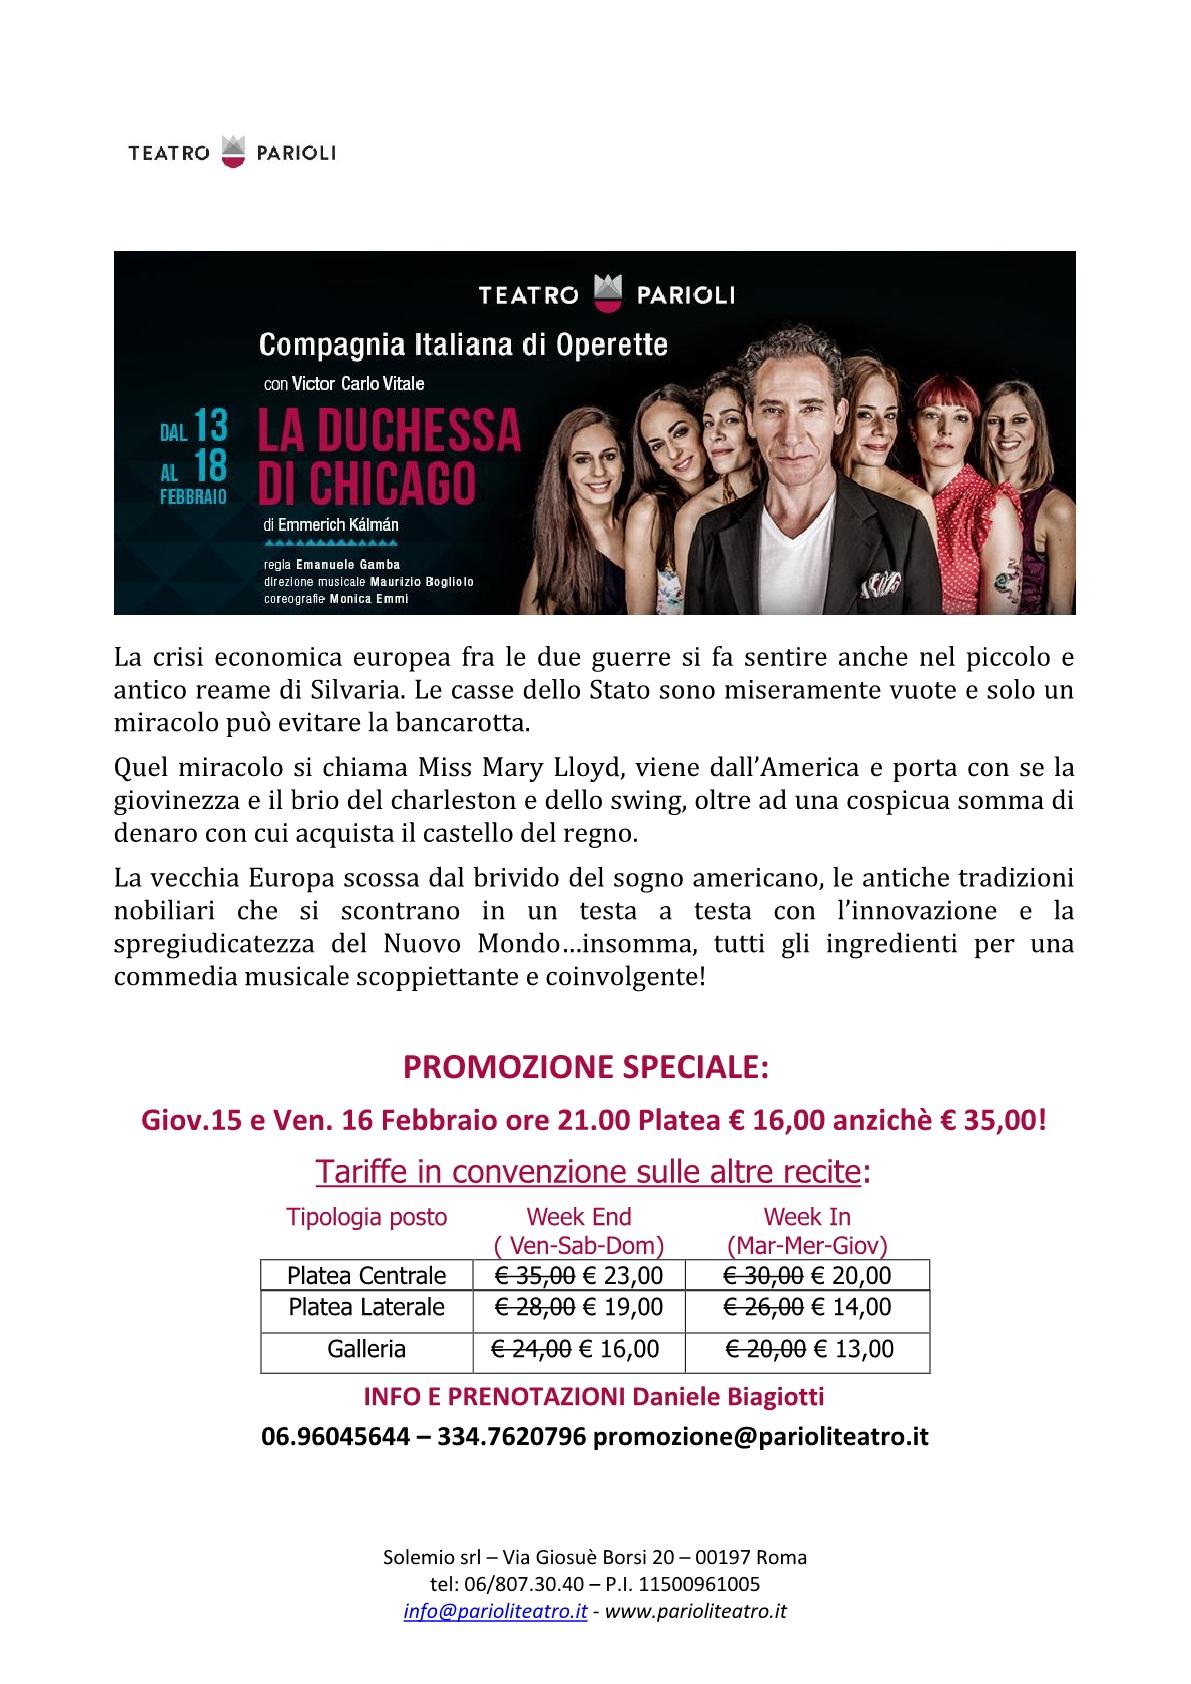 la-duchessa-di-chicago_teatro-parioli_promozioni-cral1